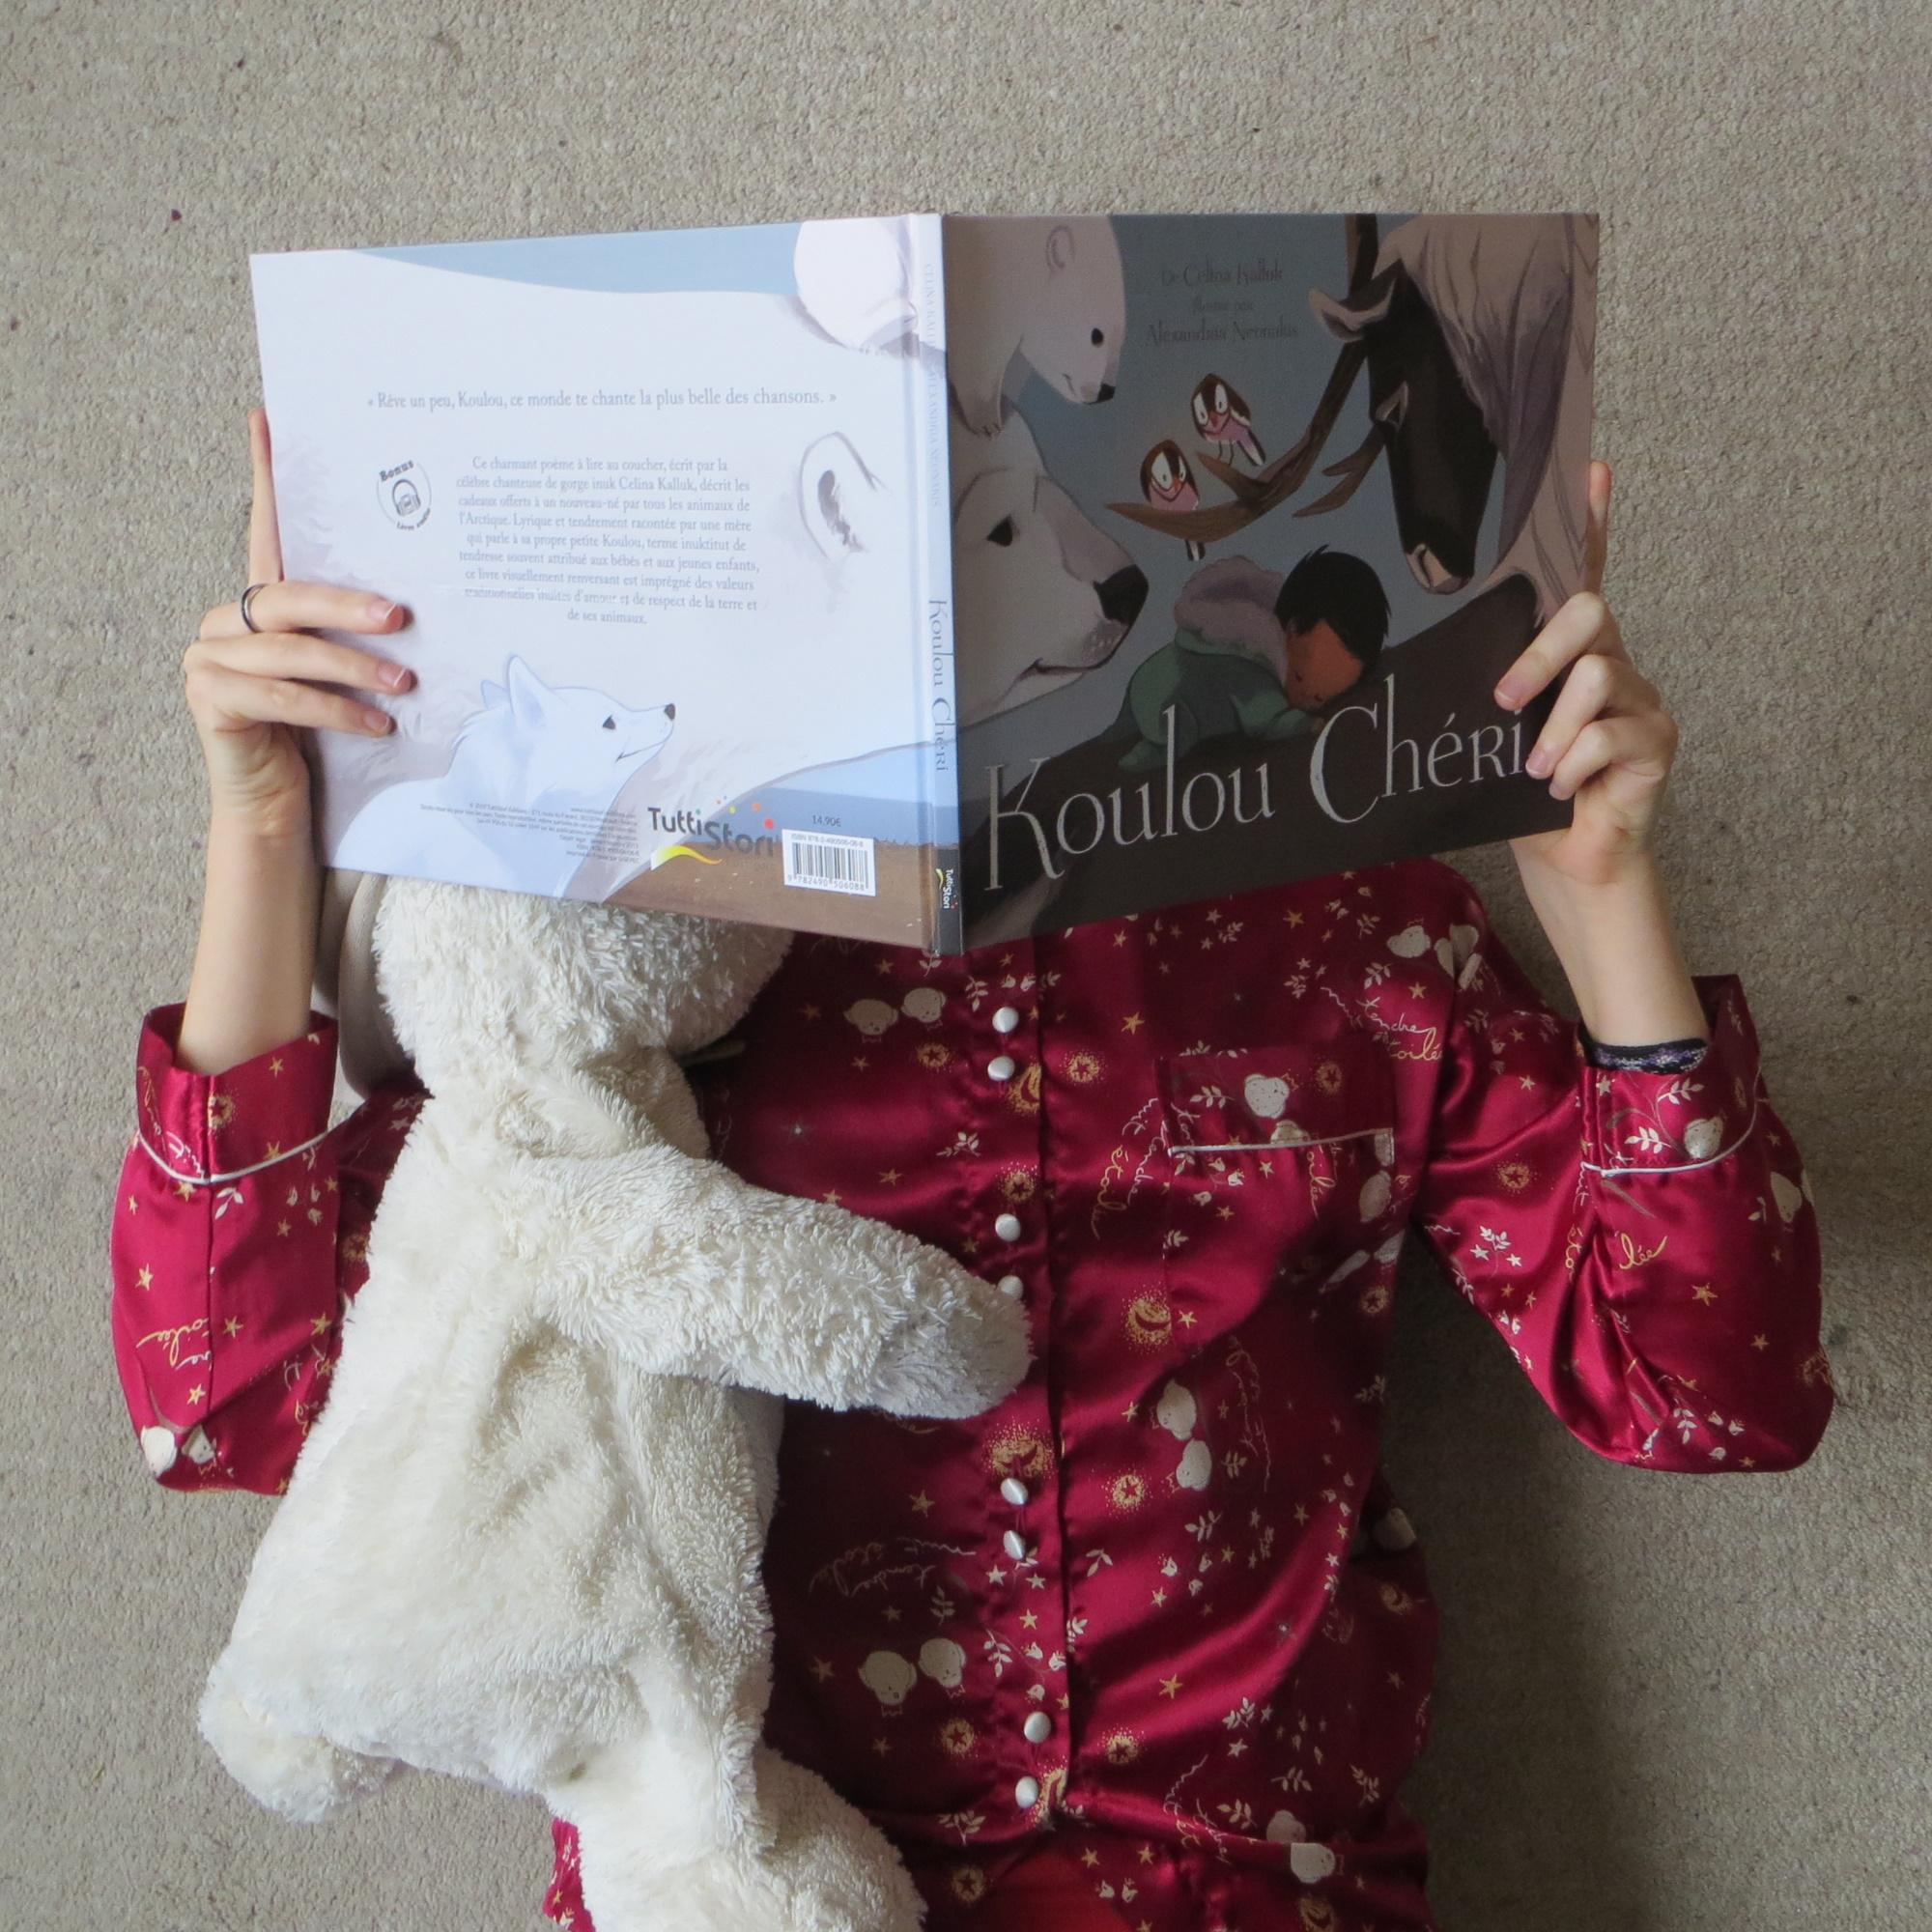 personne en pyjama lisant Koulou chéri de Celina Kalluk & Alexandria Neonakis sur un tapis blanc avec une peluche de lapin